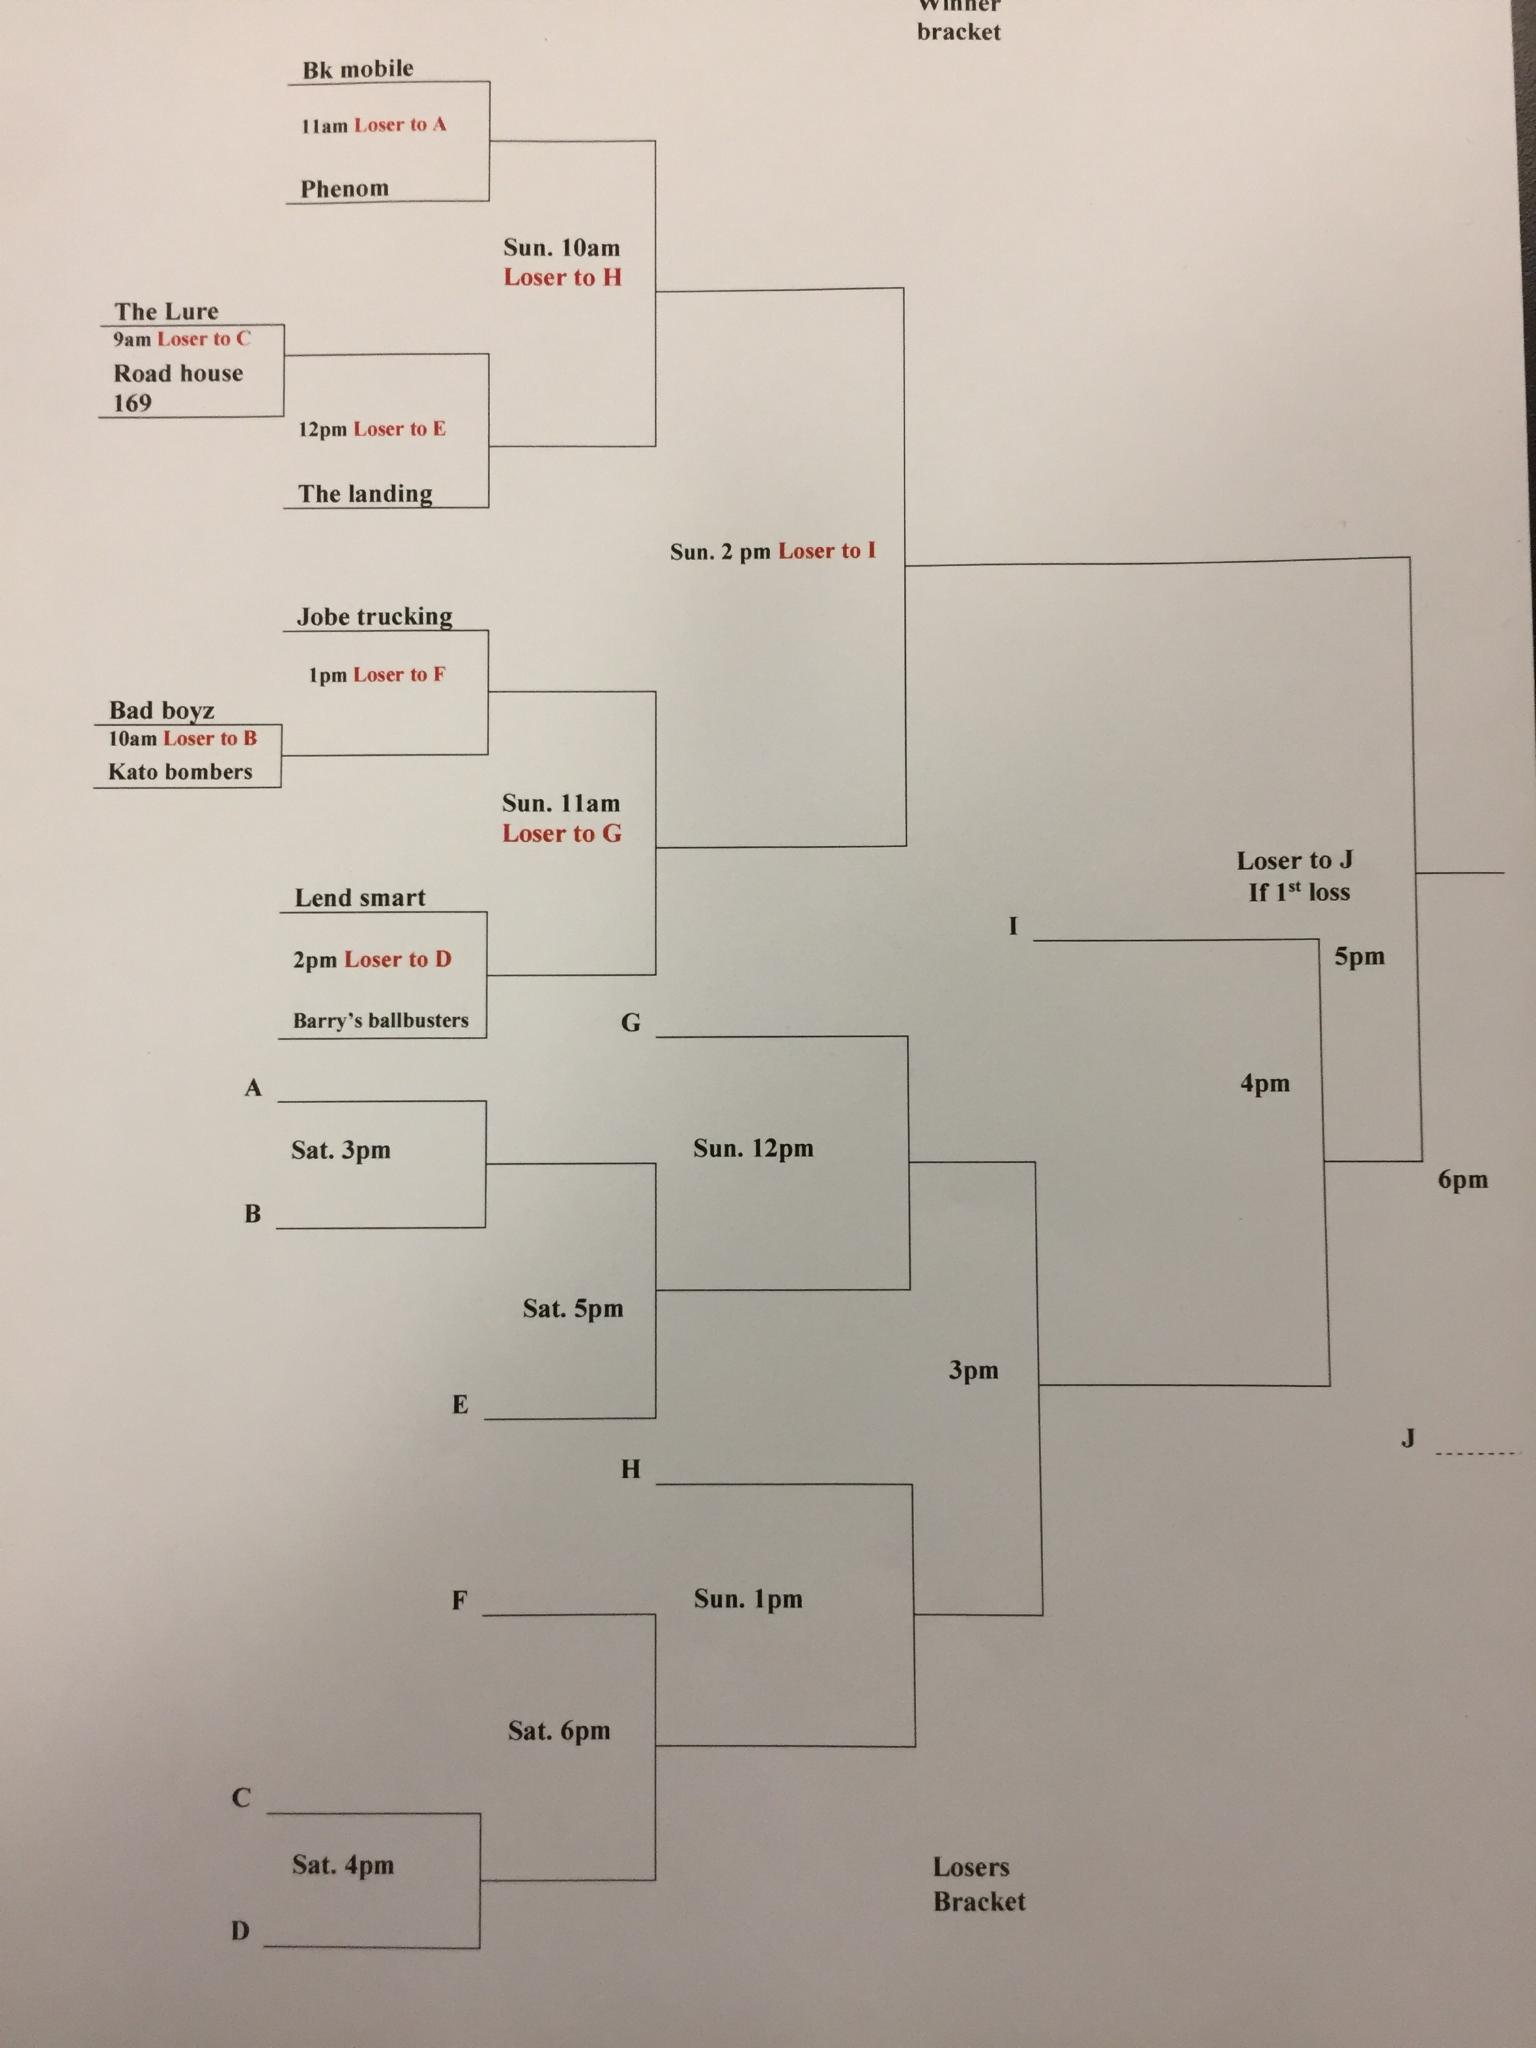 Tournament tree for softball